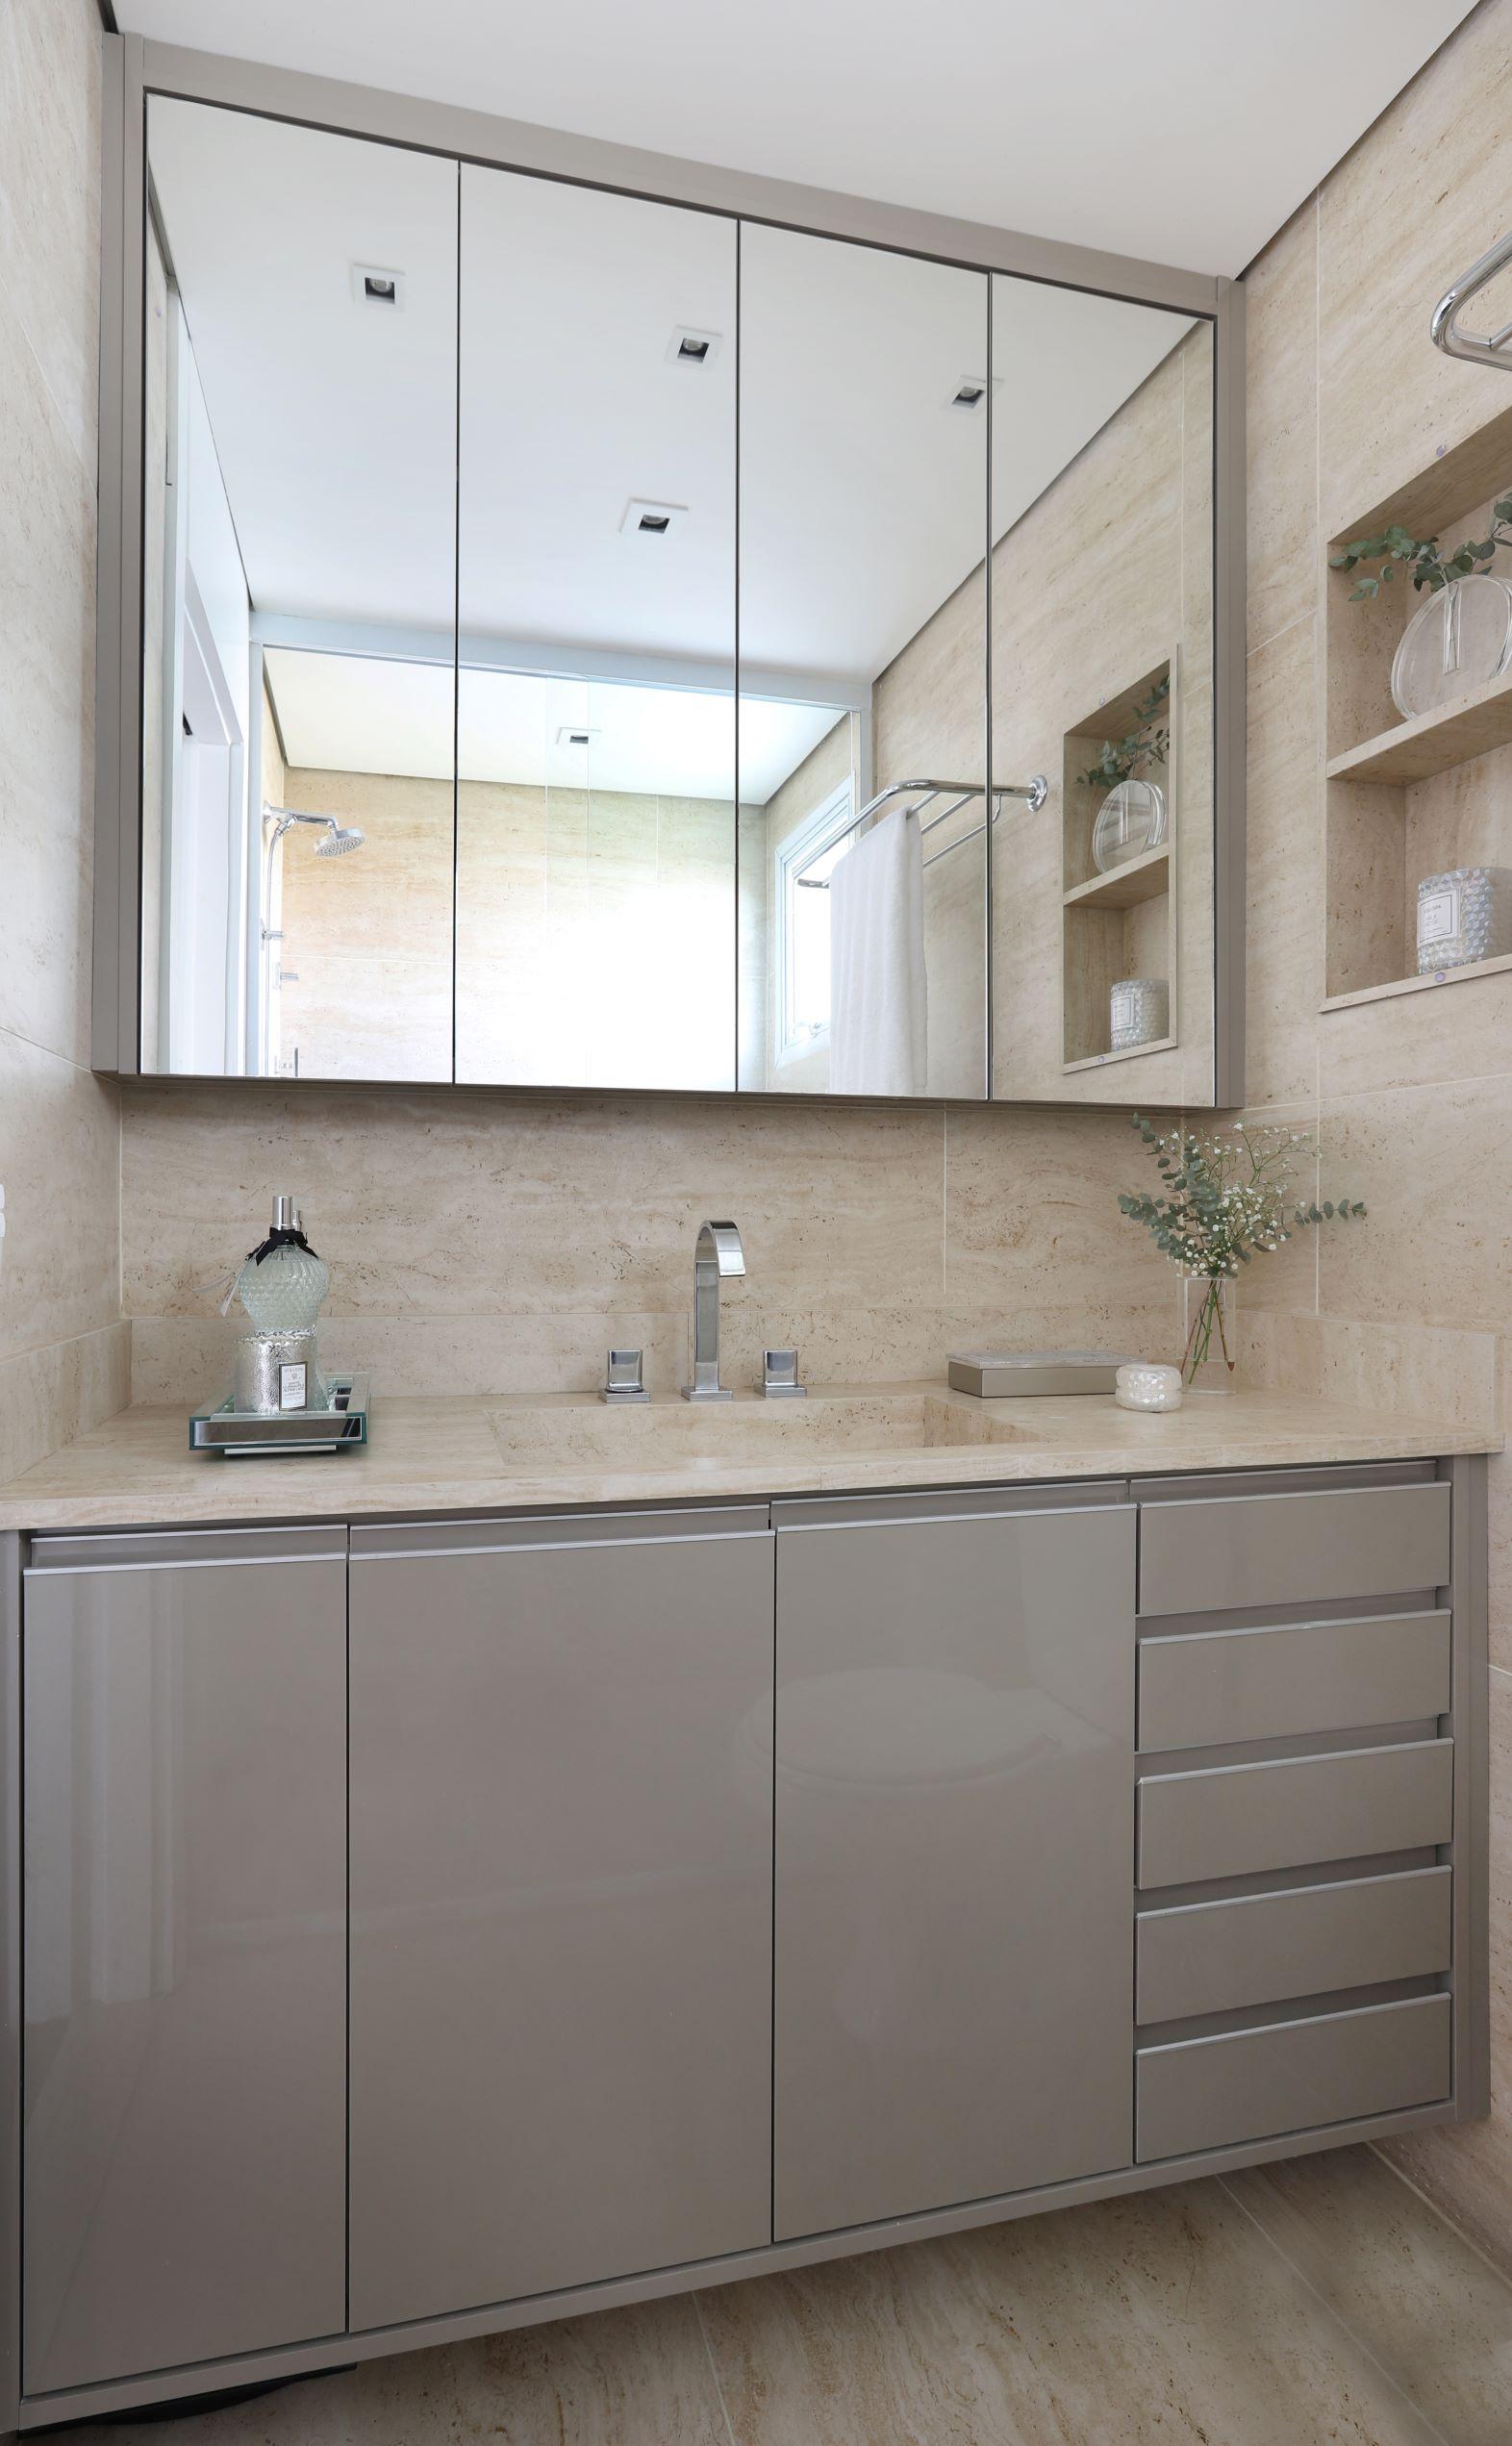 Banheiro clean com bancada de porcelanato e parede de porcelanato.